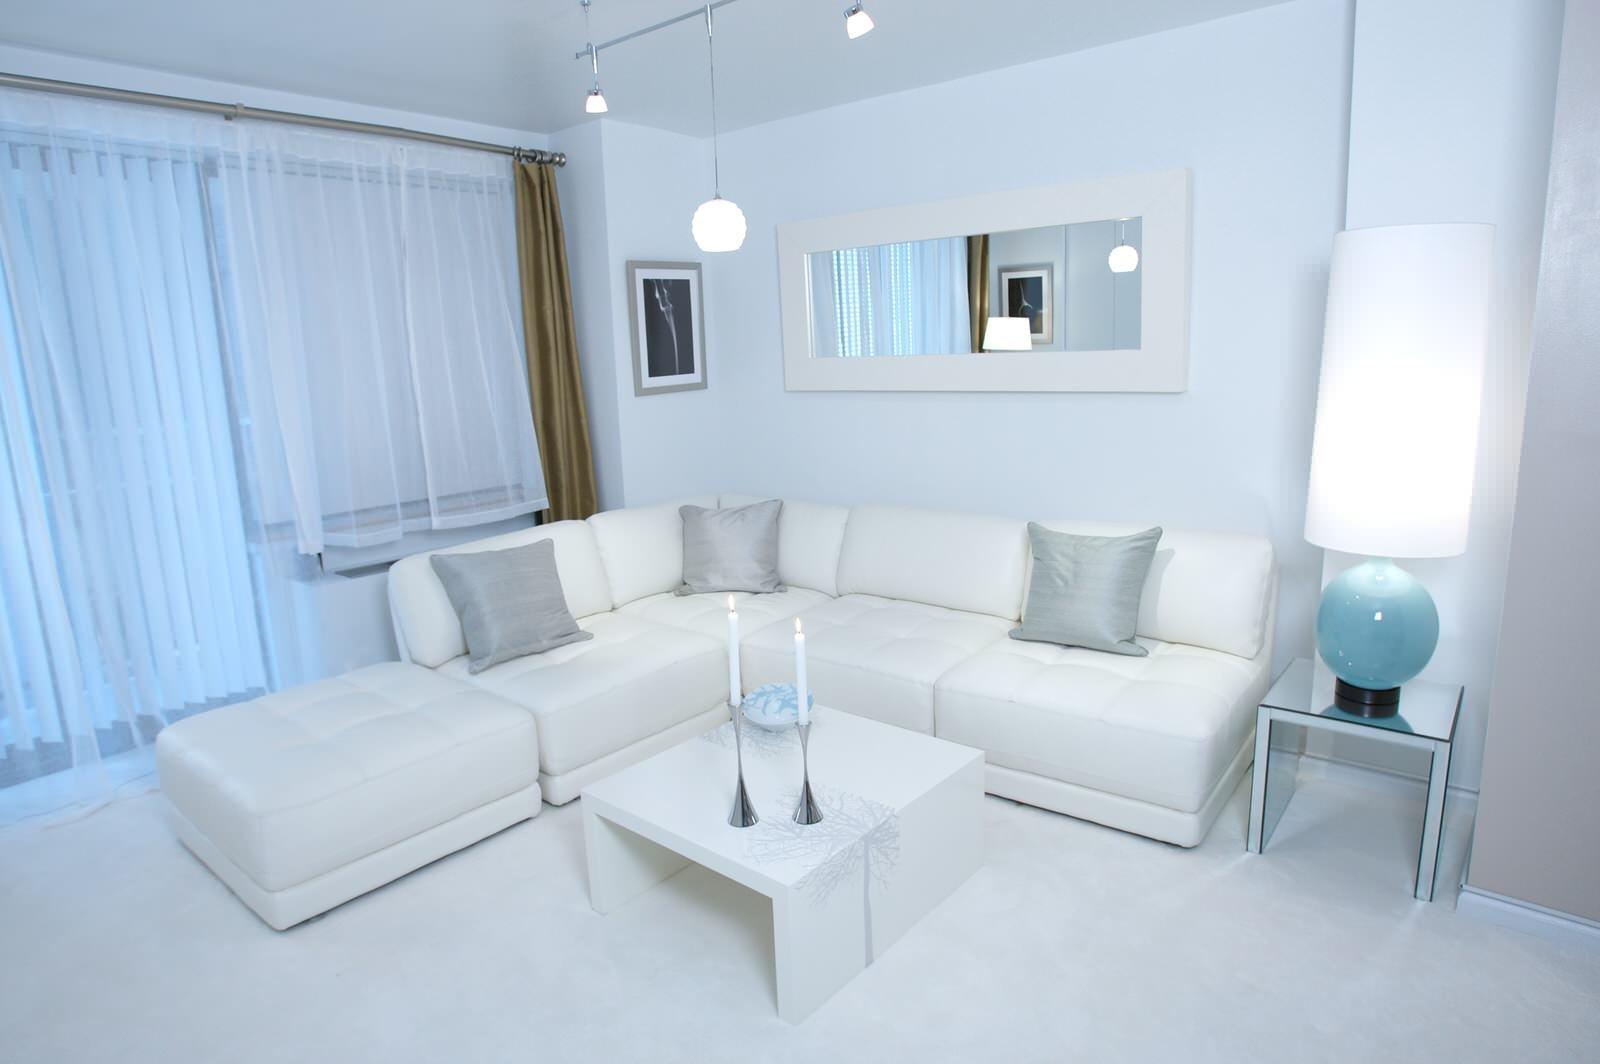 Белый угловой диван с серыми подушками